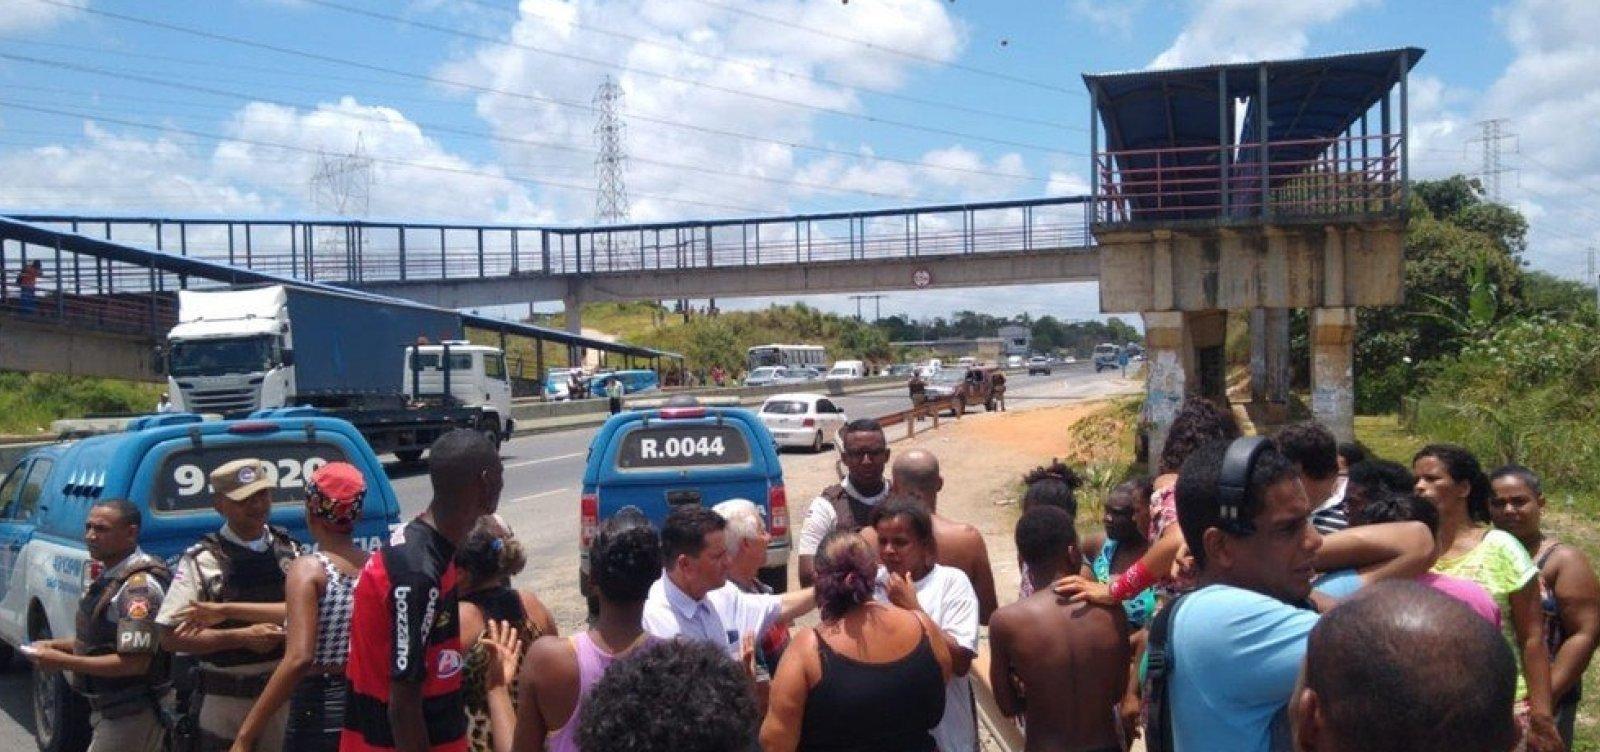 Ônibus deixam de circular no Bosque das Bromélias após protesto contra morte em ação policial